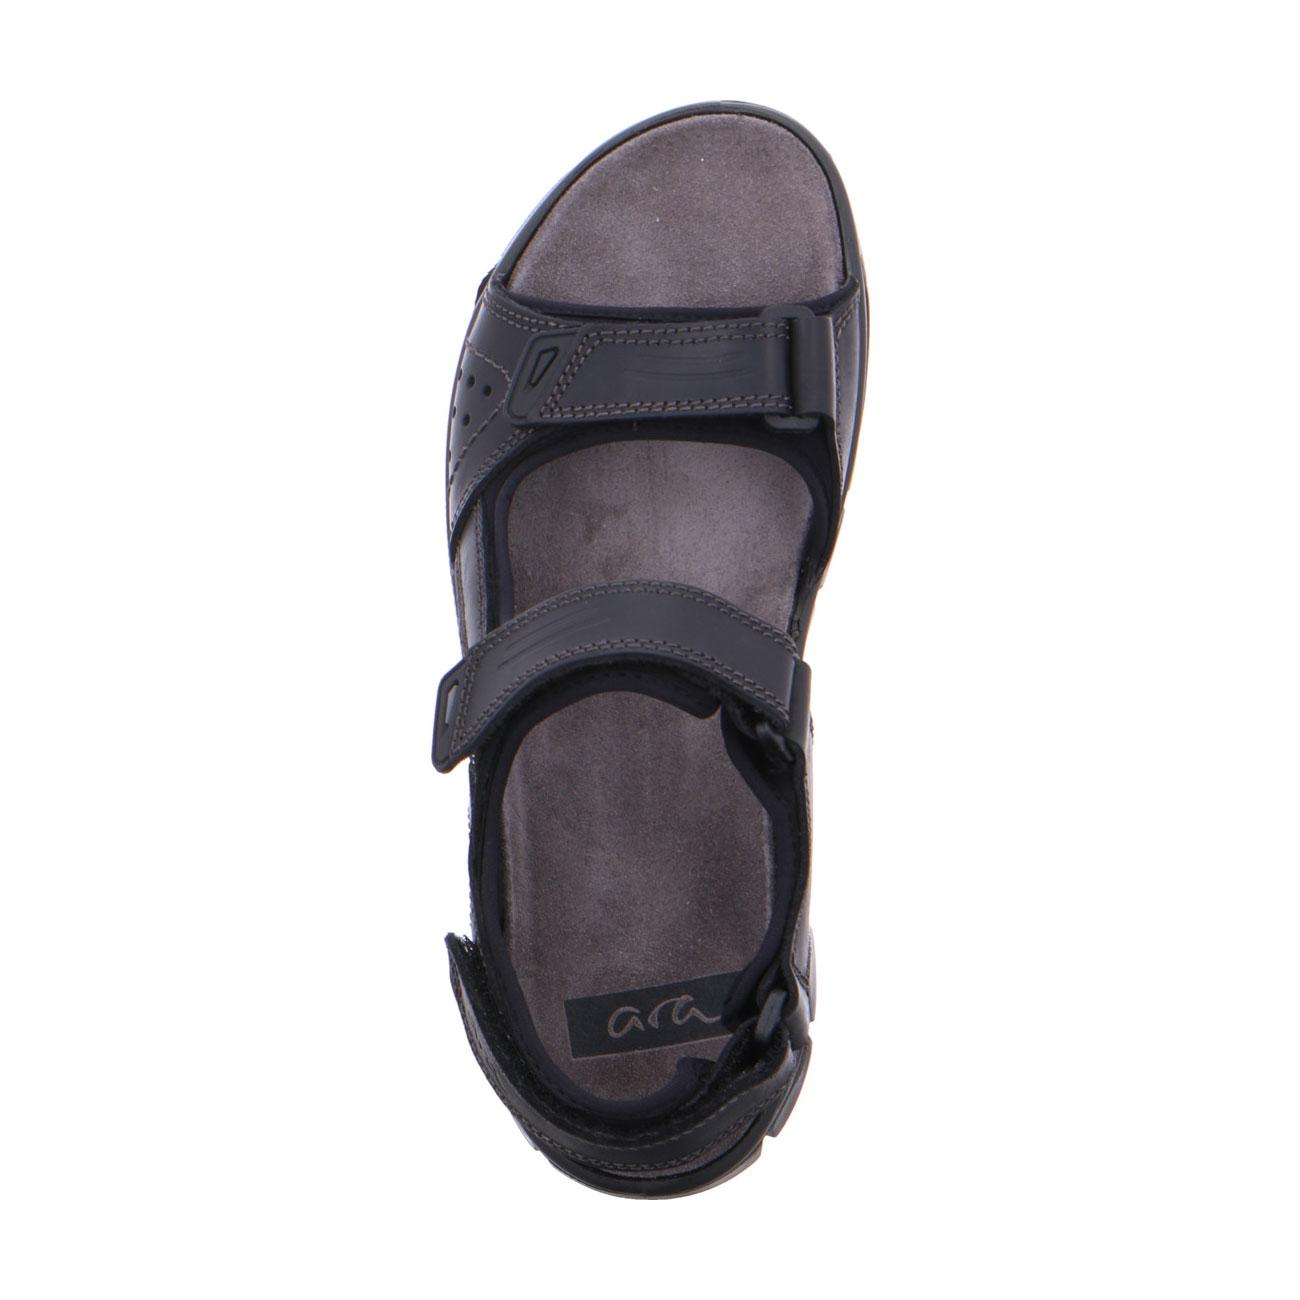 Мъжки спортни кожени сандали ara 11-38026-01 черни - снимка 5